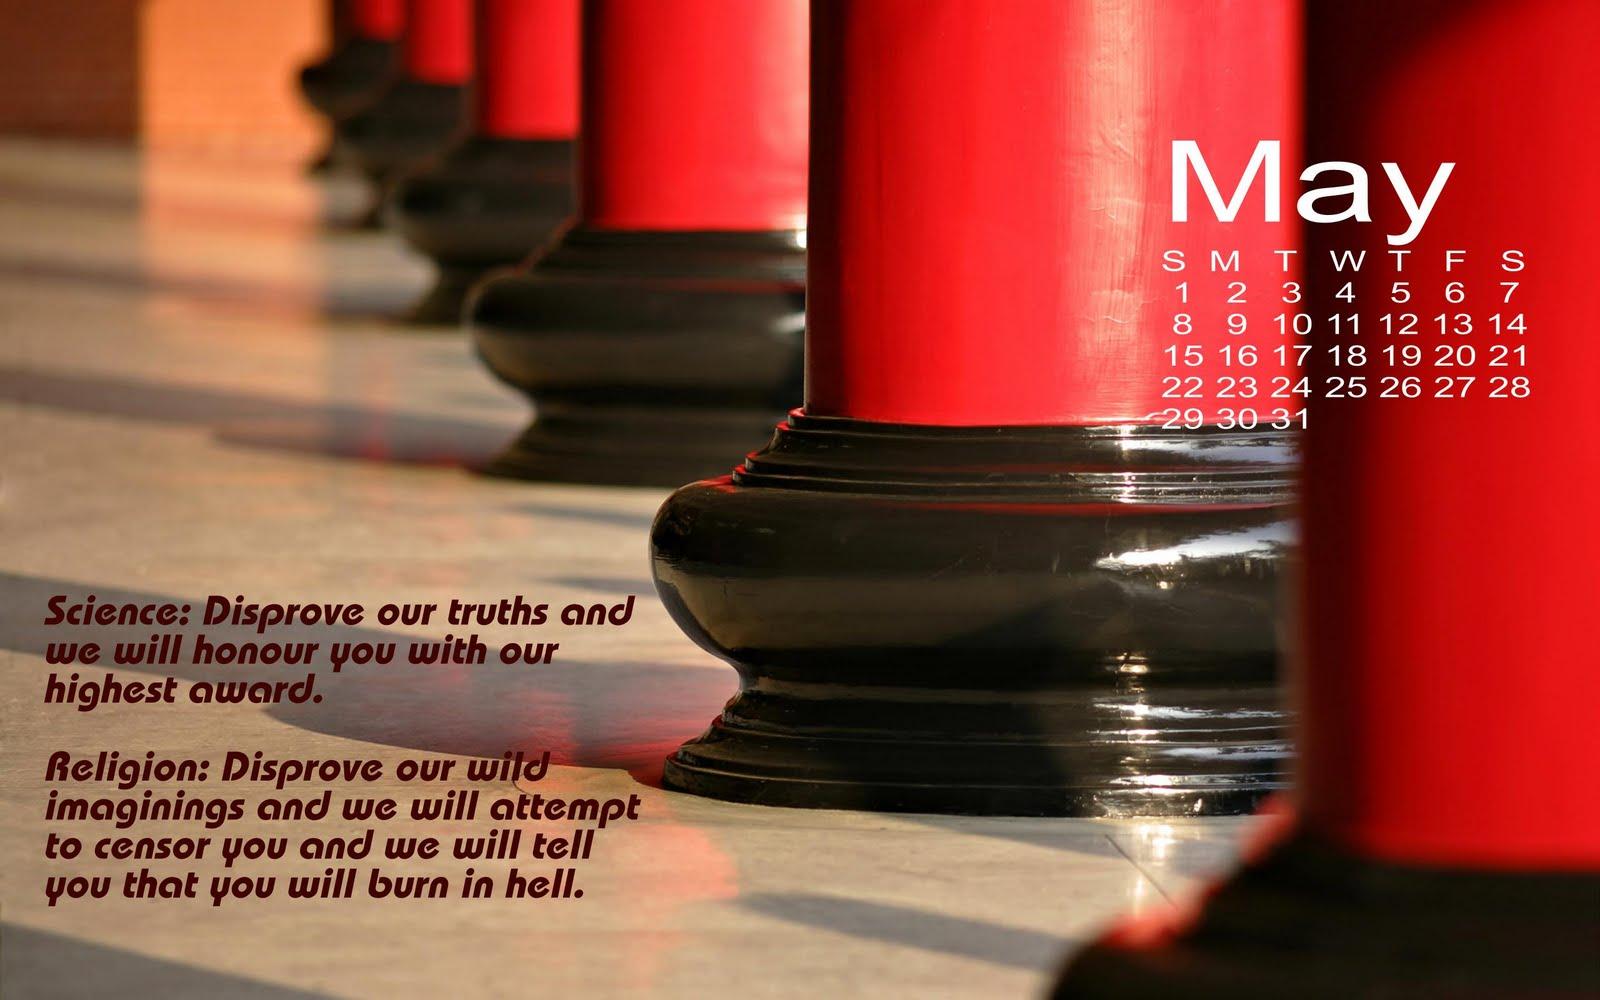 http://1.bp.blogspot.com/-xAkb2n9OYhw/Tb3sbZF8wUI/AAAAAAAAAP0/eS4bSHiZc4Y/s1600/pillars.jpg